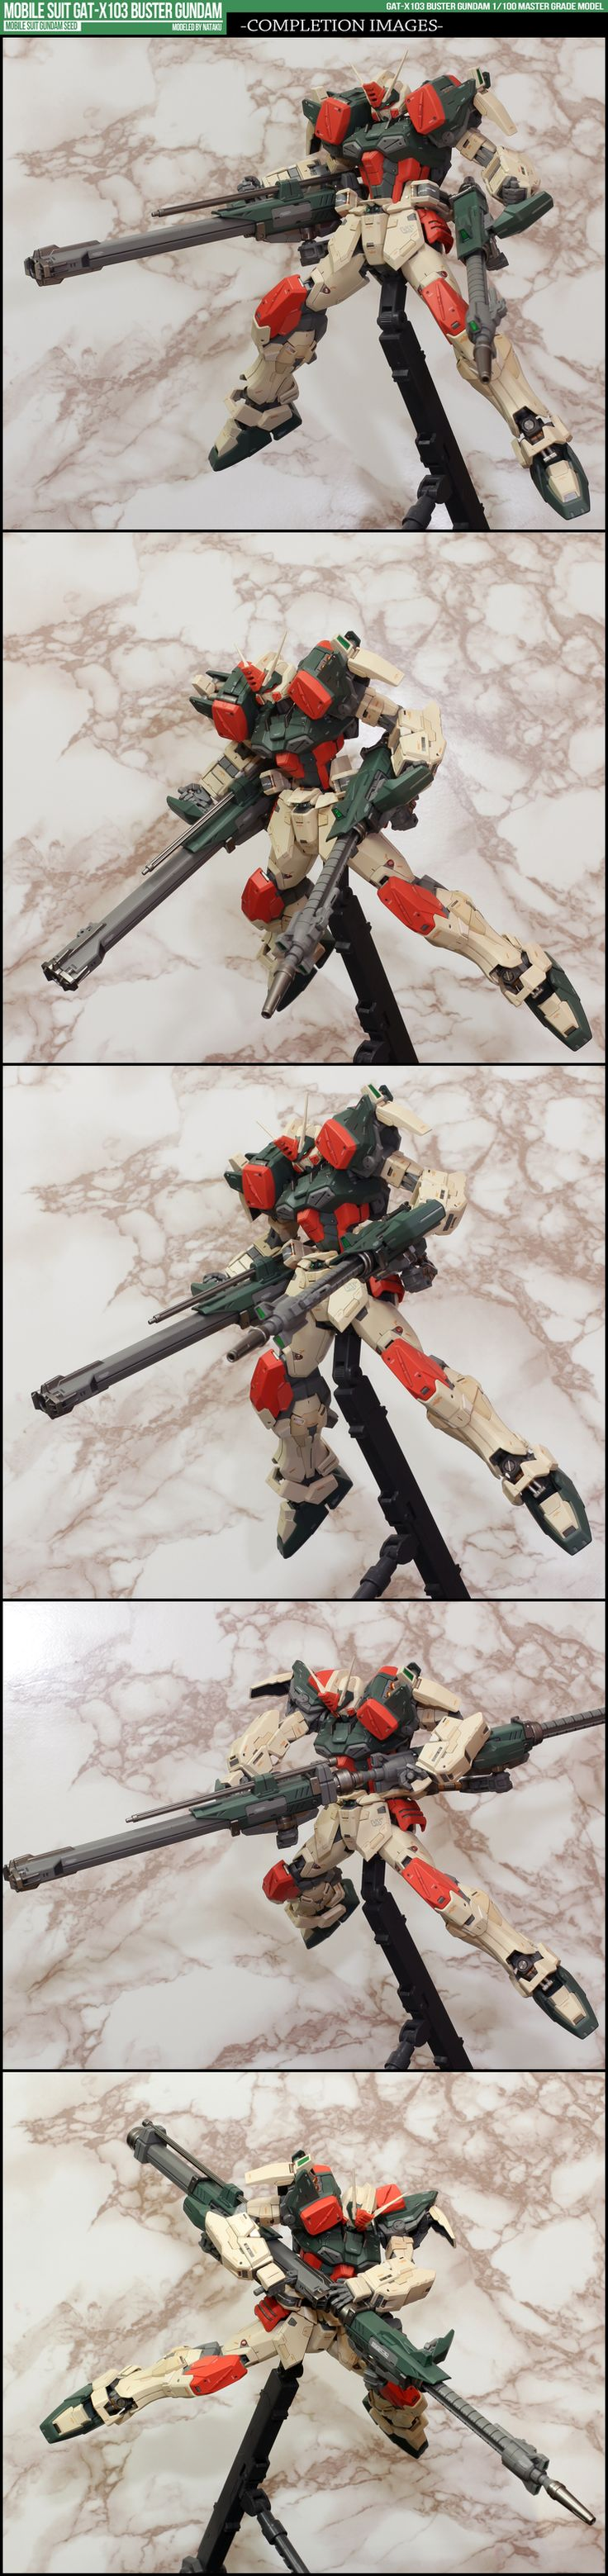 마음속에 네가 비우고간 공간만큼 내 마음이 커질때까지... :: [完成]MG 1/100 GAT-X103 BUSTER GUNDAM - 하아.. 장난 아니다..